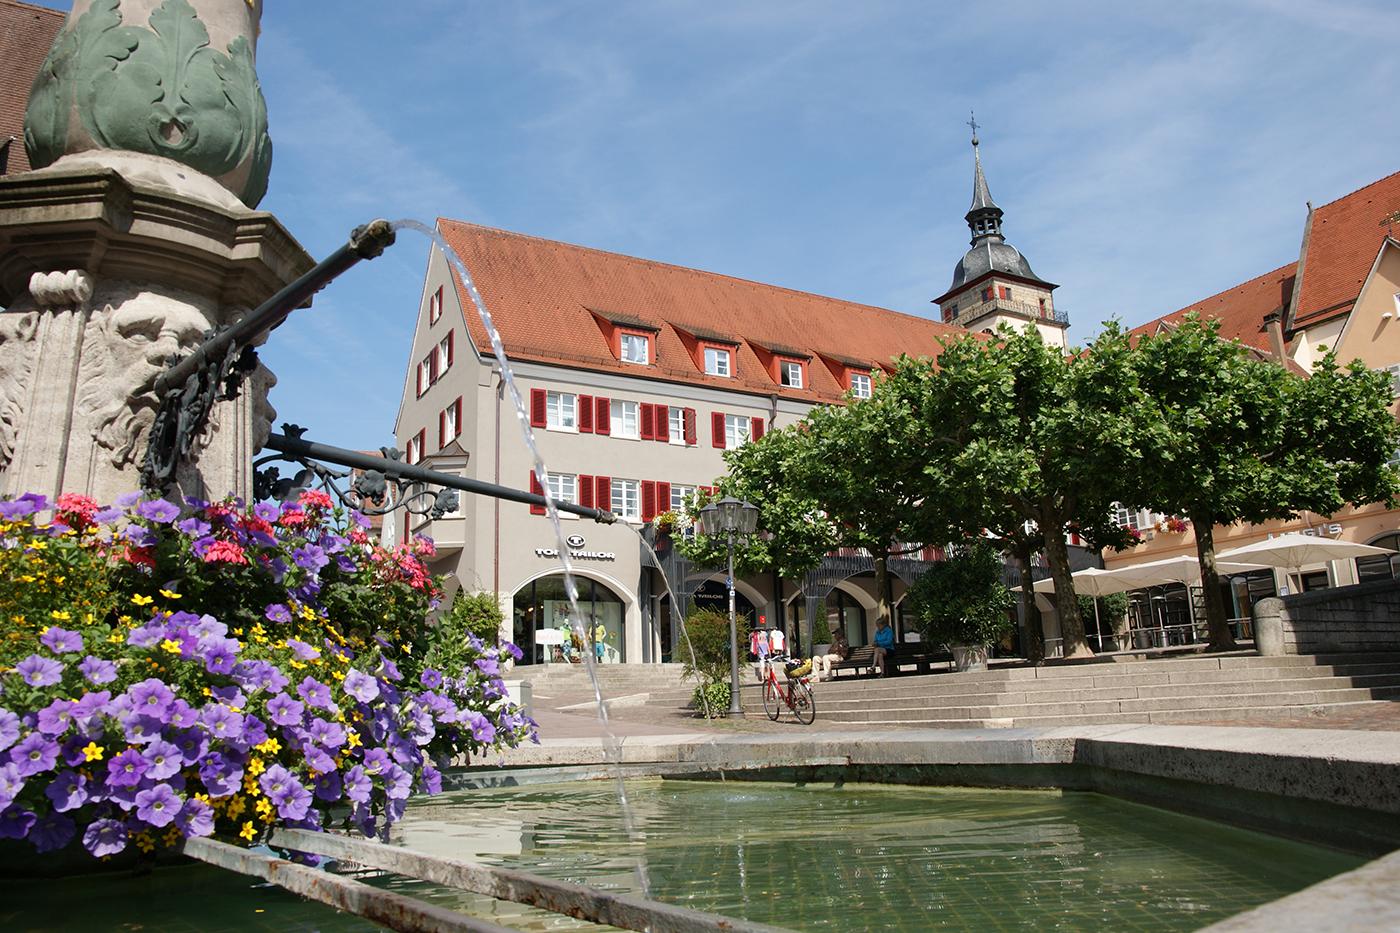 Bietigheim Marktplatz